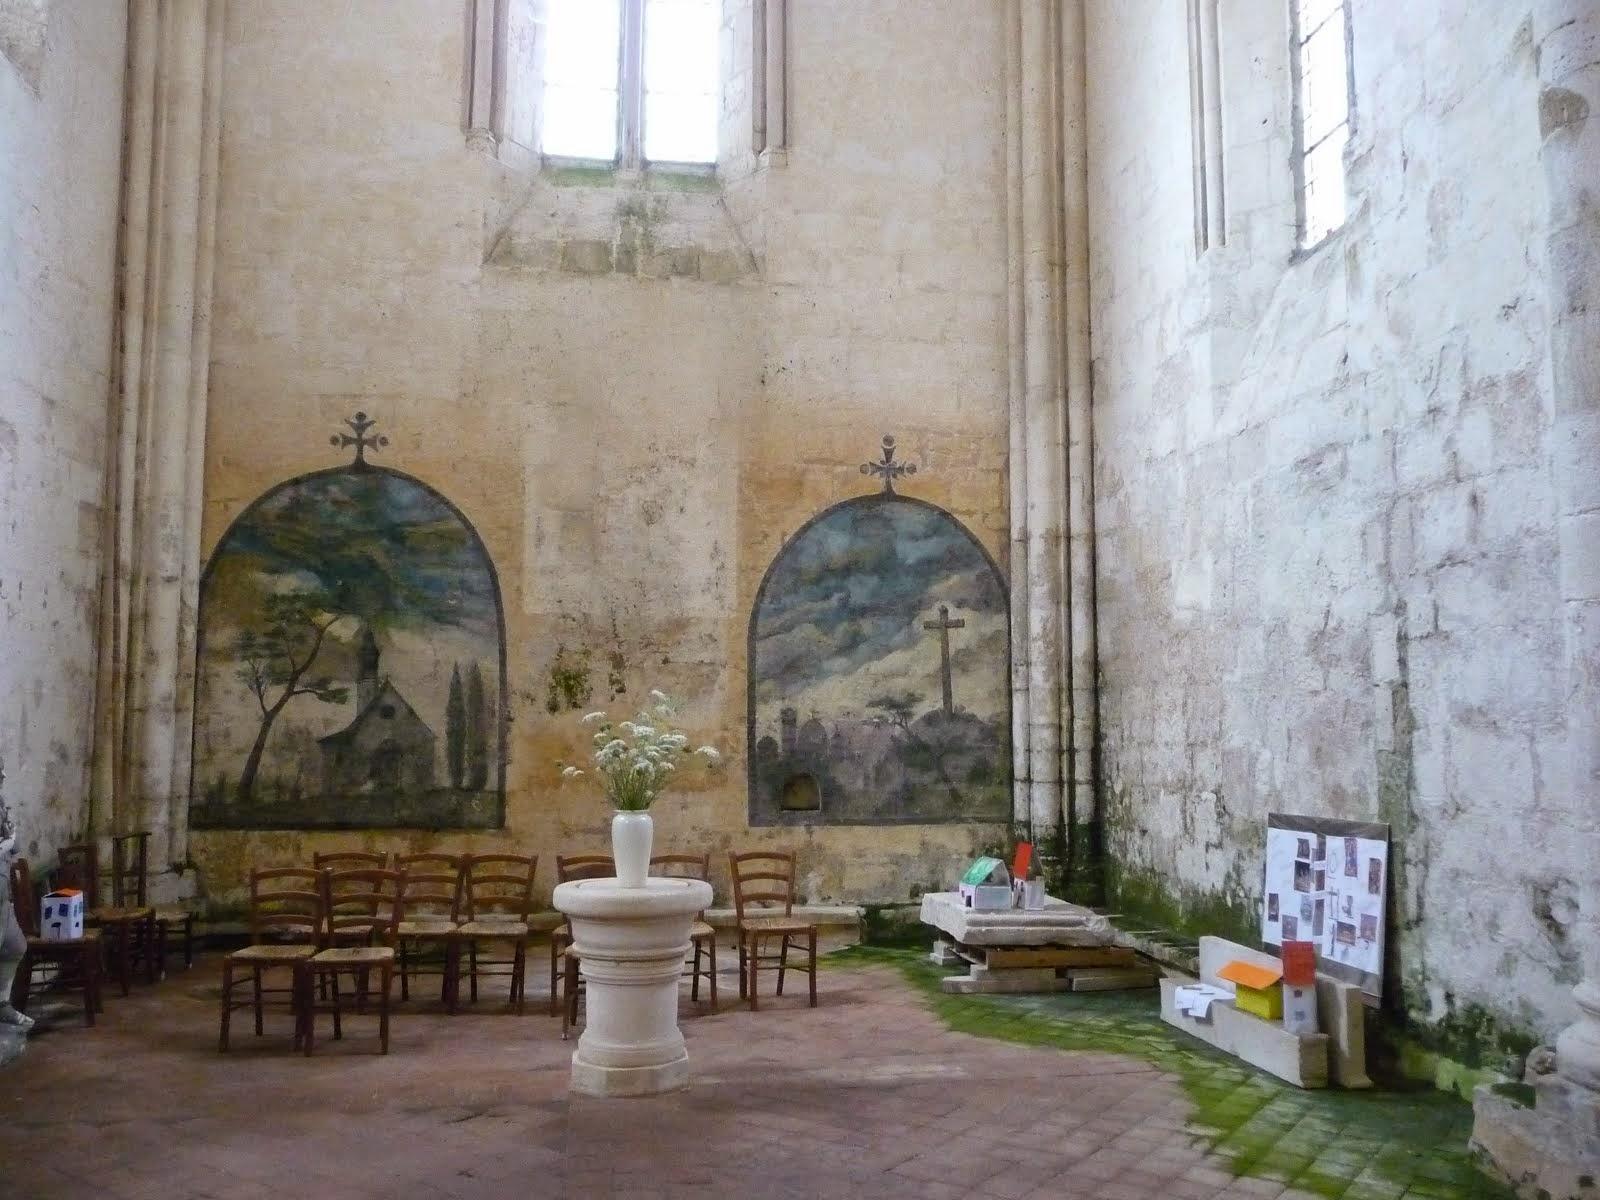 Murals in Blanzac church